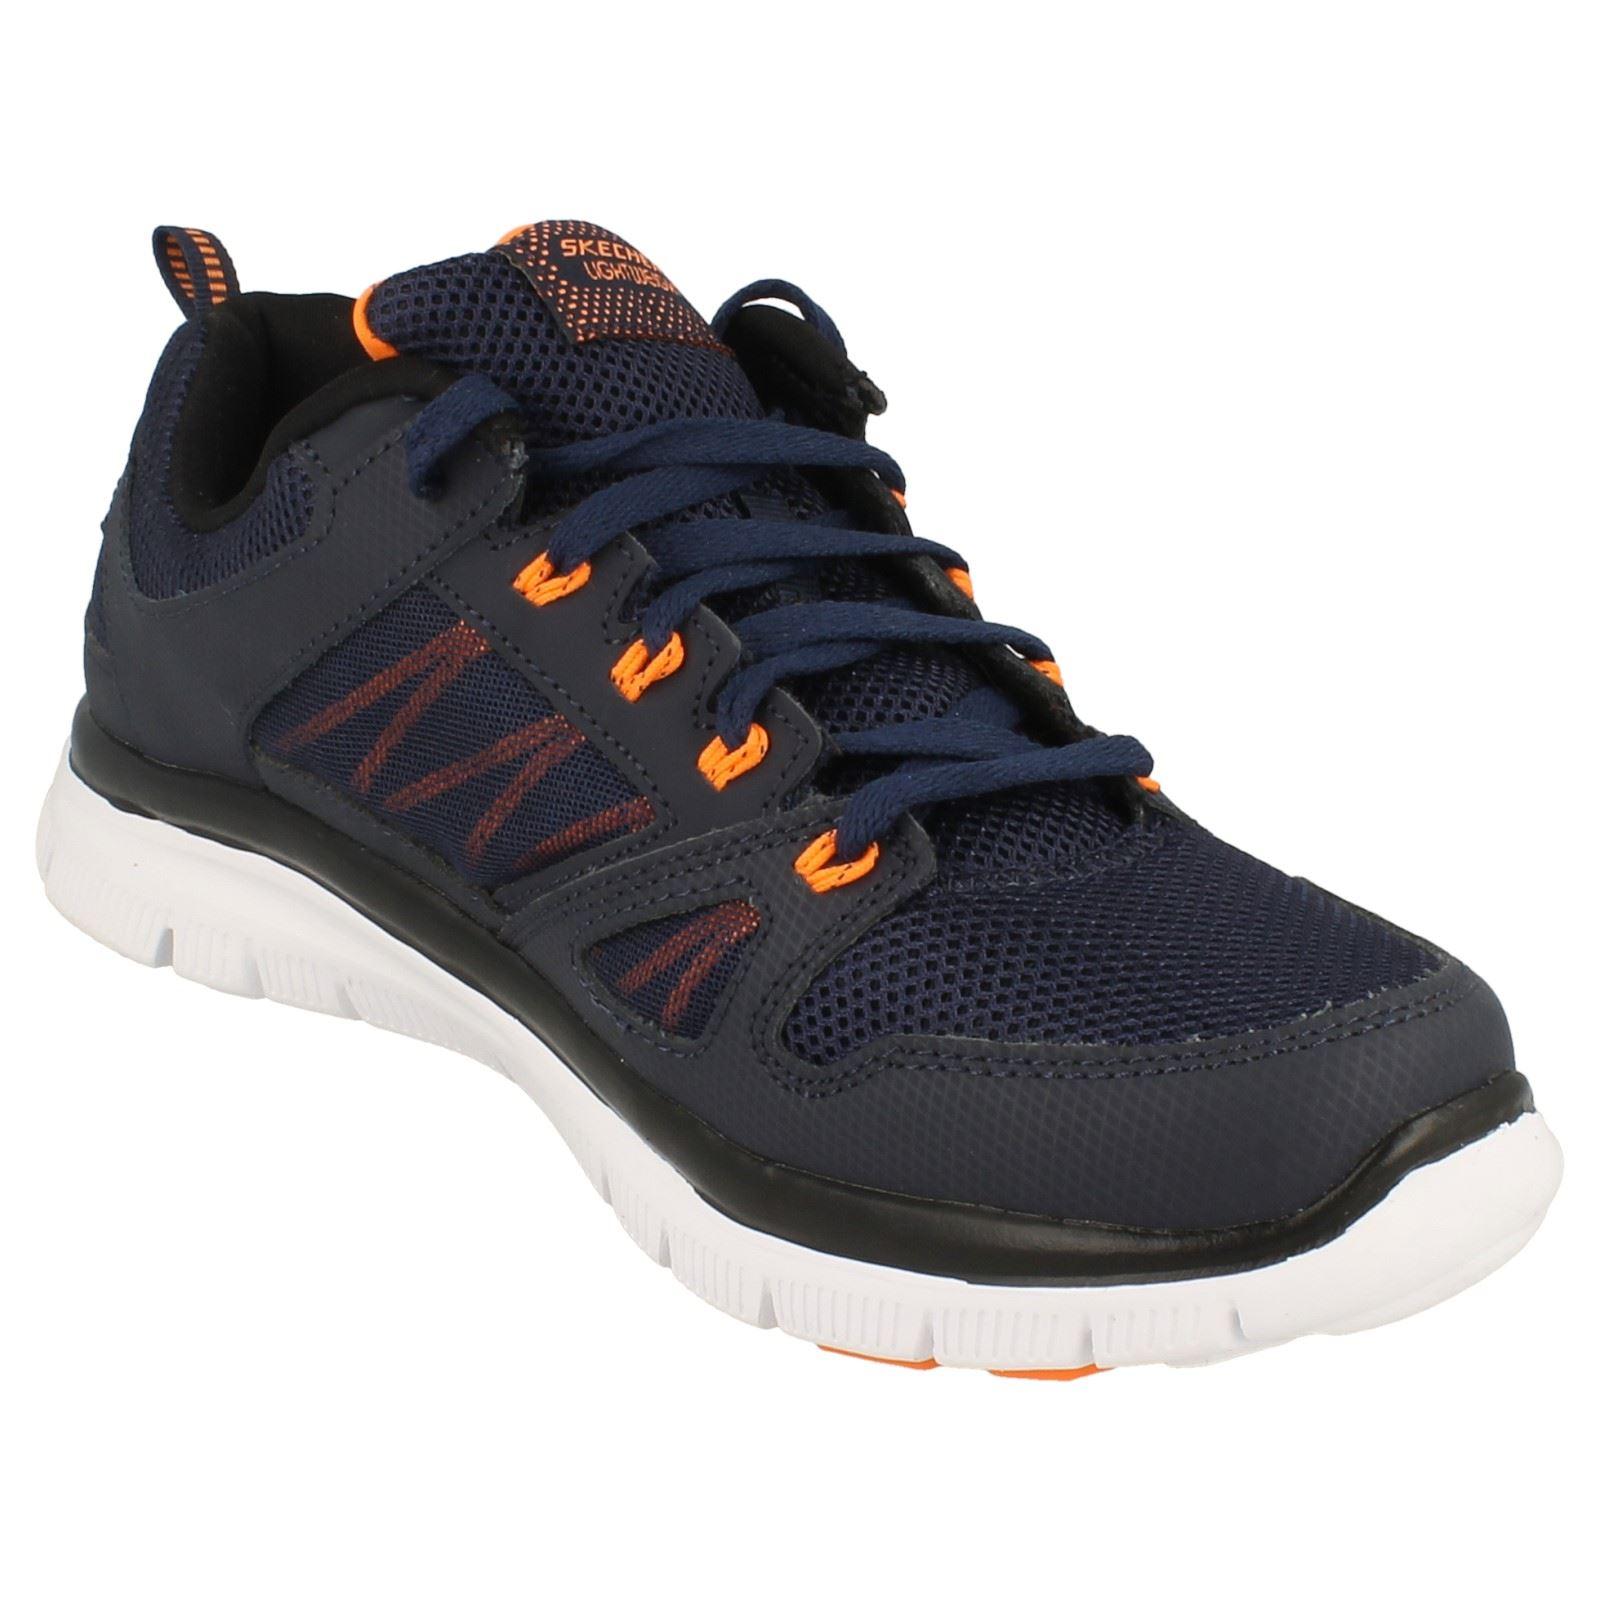 Ebay Skechers Memory Foam Shoes For Men